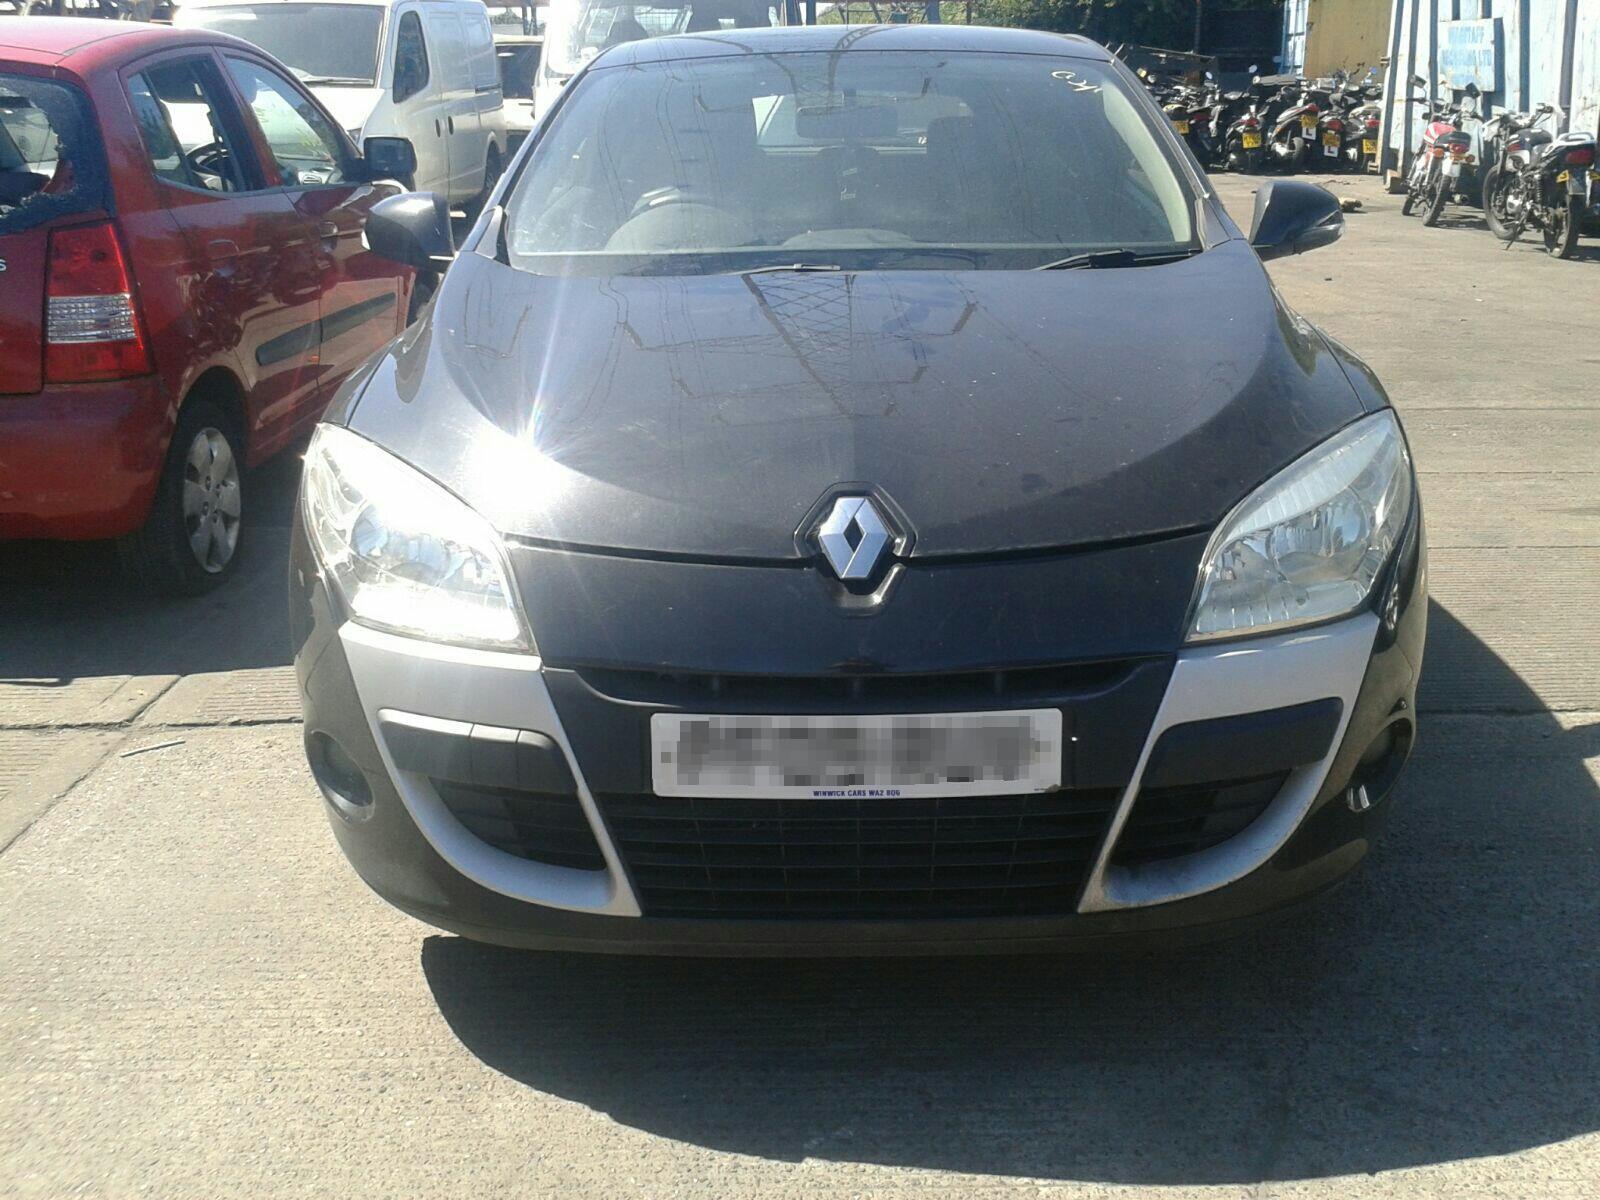 ... Renault Megane 2009 To 2012 3 Door Hatchback ...